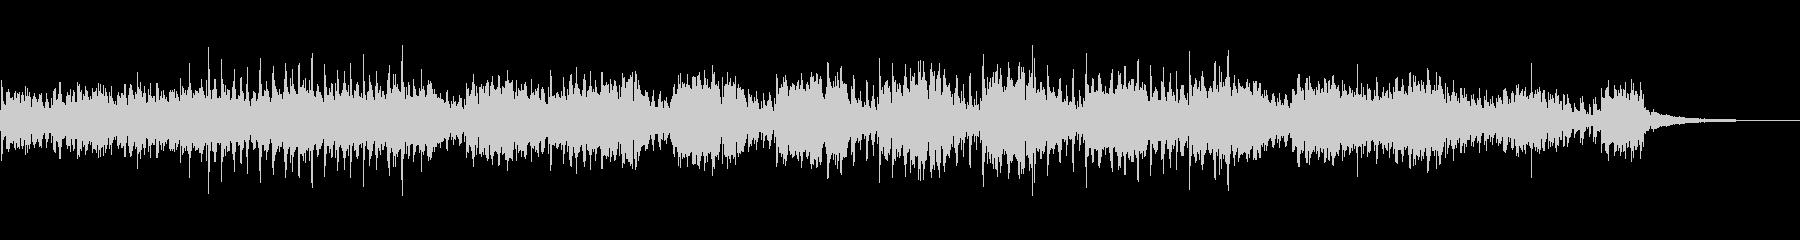 エレクトリックで軽やかなBGMの未再生の波形